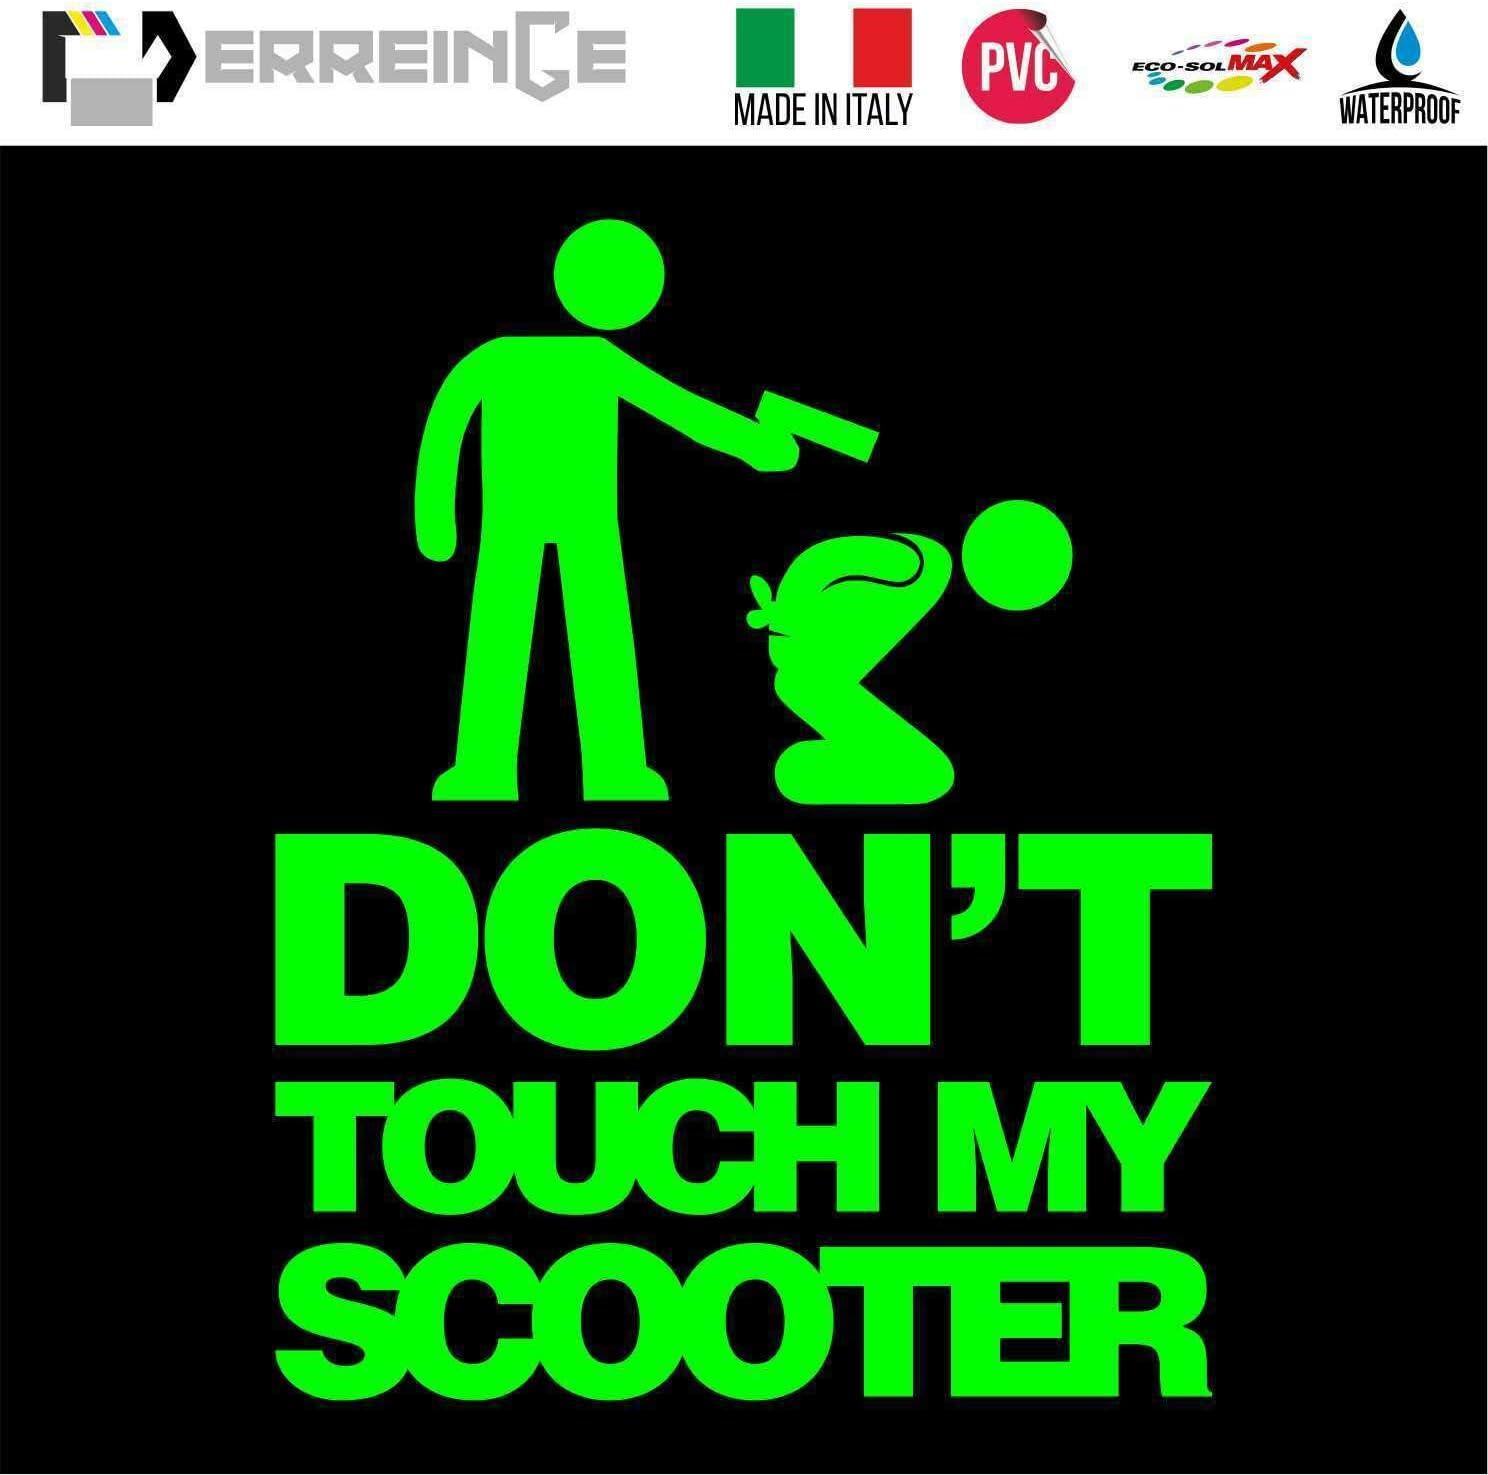 cm 12 erreinge Sticker Dont Touch My Scooter Dub JDM Tuning Arancio Fluo Adesivo prespaziato in PVC per Moto Marmitta Parabrezza Casco